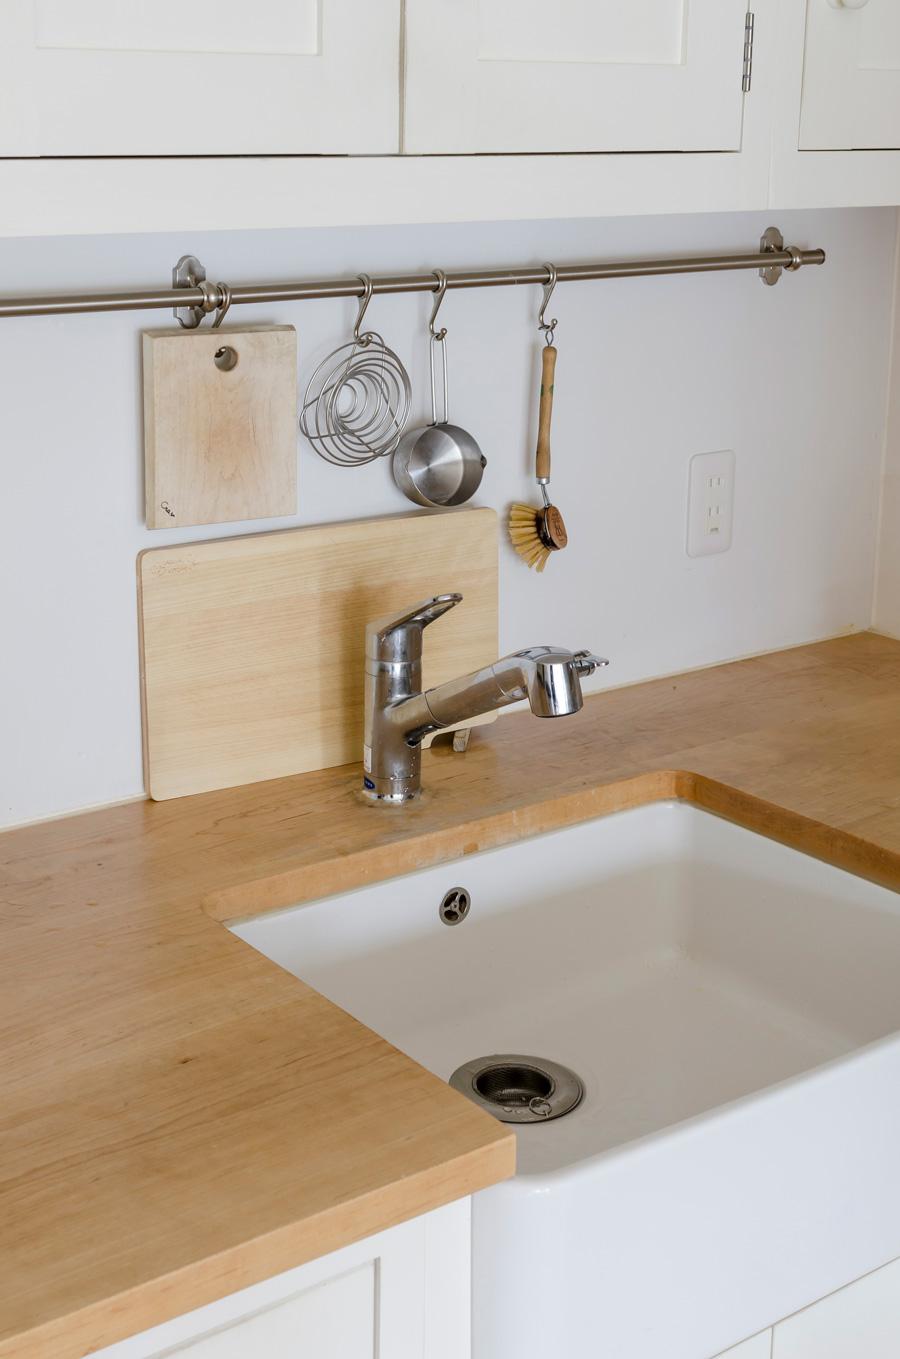 シンクまわりにはよく使うキッチンツールを厳選し、掃除の手間を最小限に。